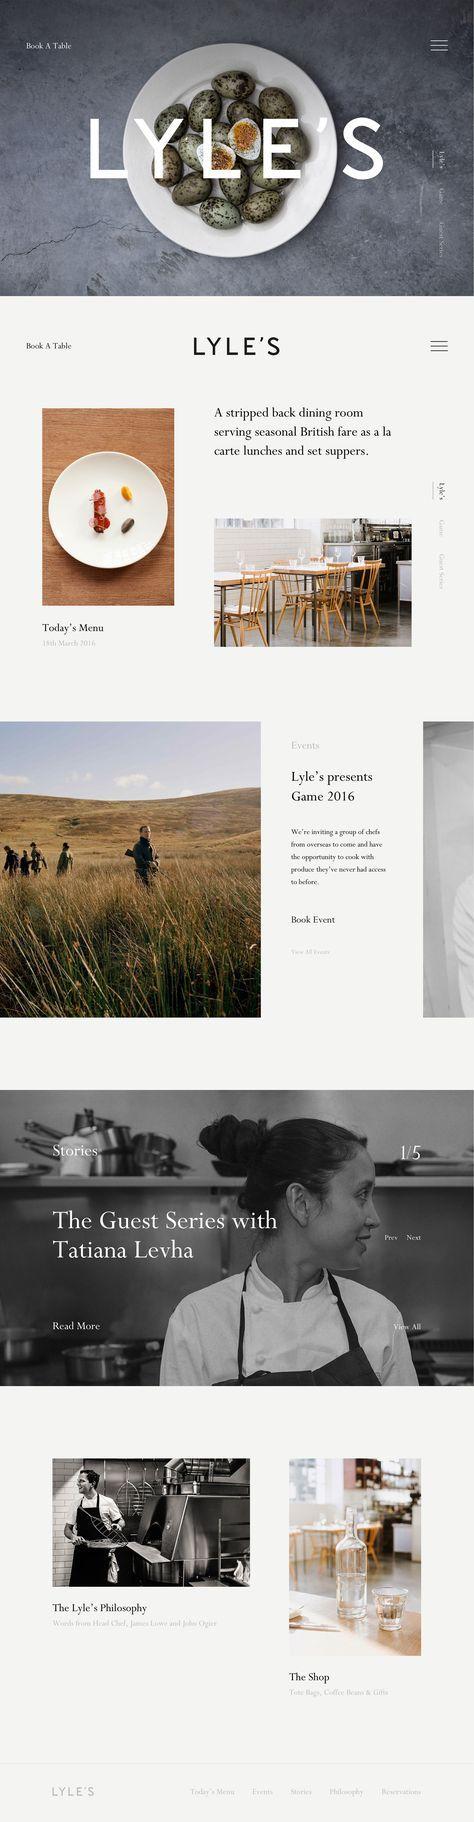 Simple website design